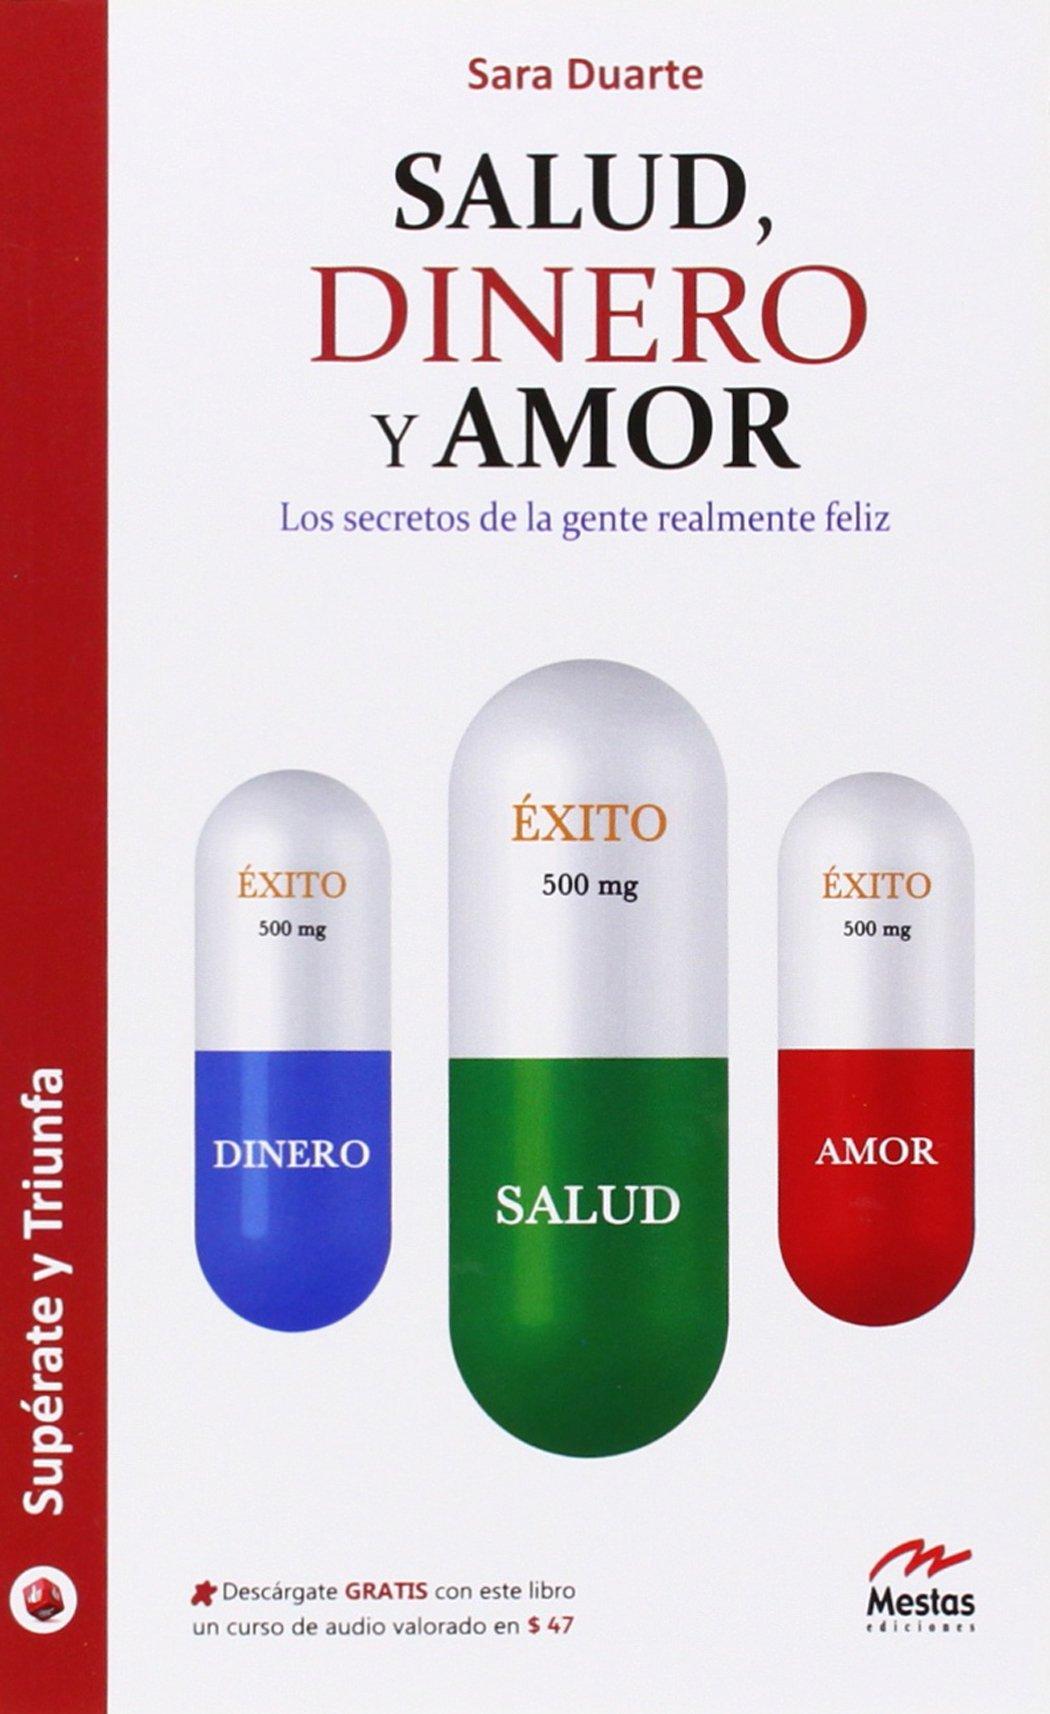 Salud, Dinero Y Amor. Los Secretos De La Gente Superate Y Triunfa: Amazon.es: Sara Duarte: Libros